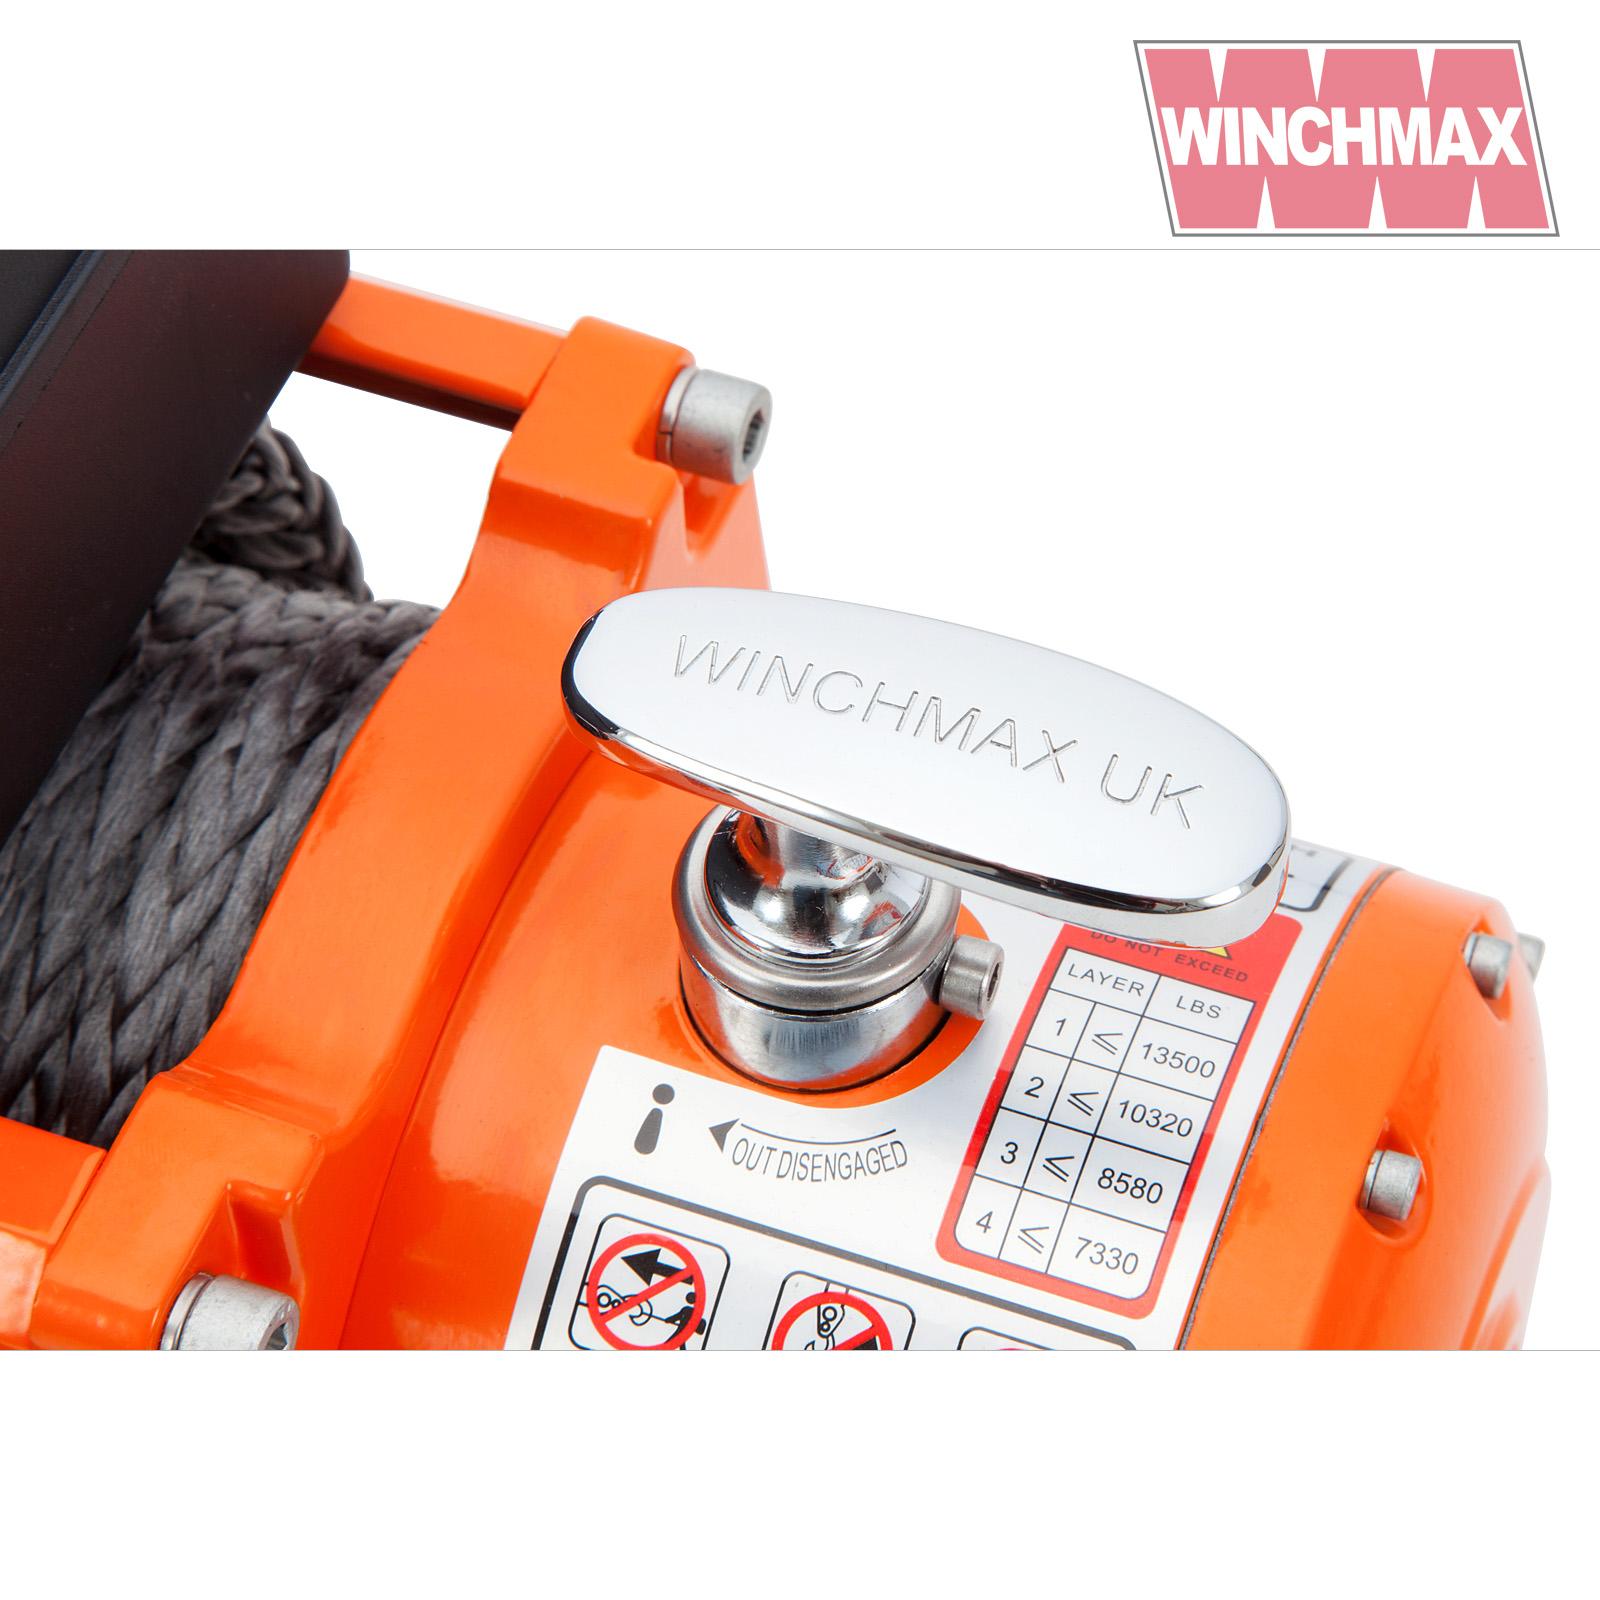 Wm1350024vrs winchmax 11